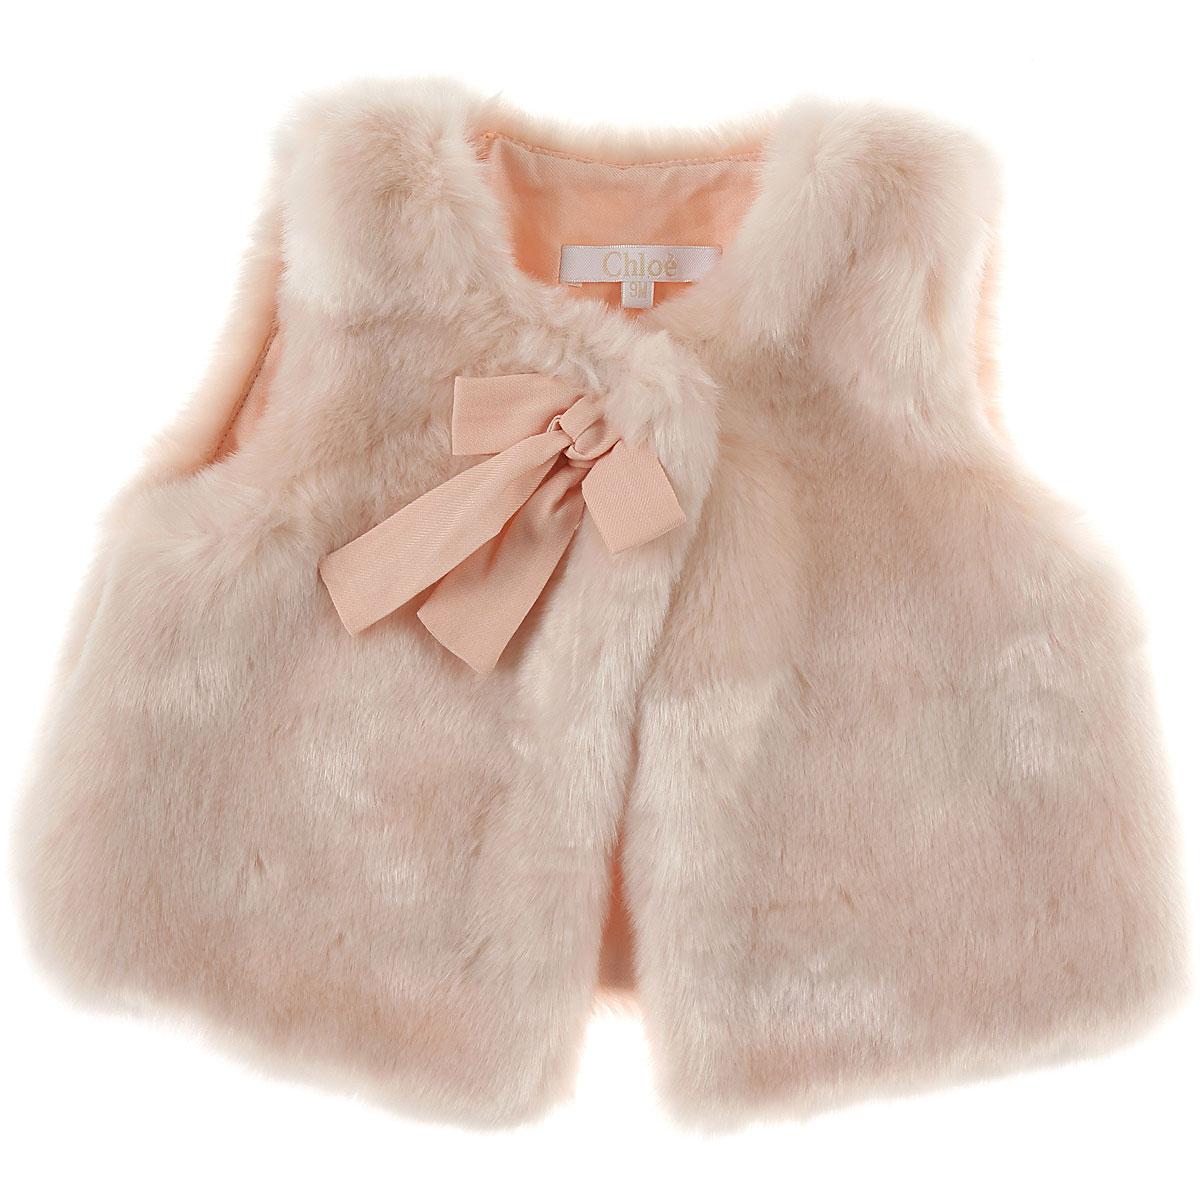 Image of Chloe Baby Jacket for Girls, Pink, modacryl, 2017, 12M 18M 2Y 3Y 6M 9M